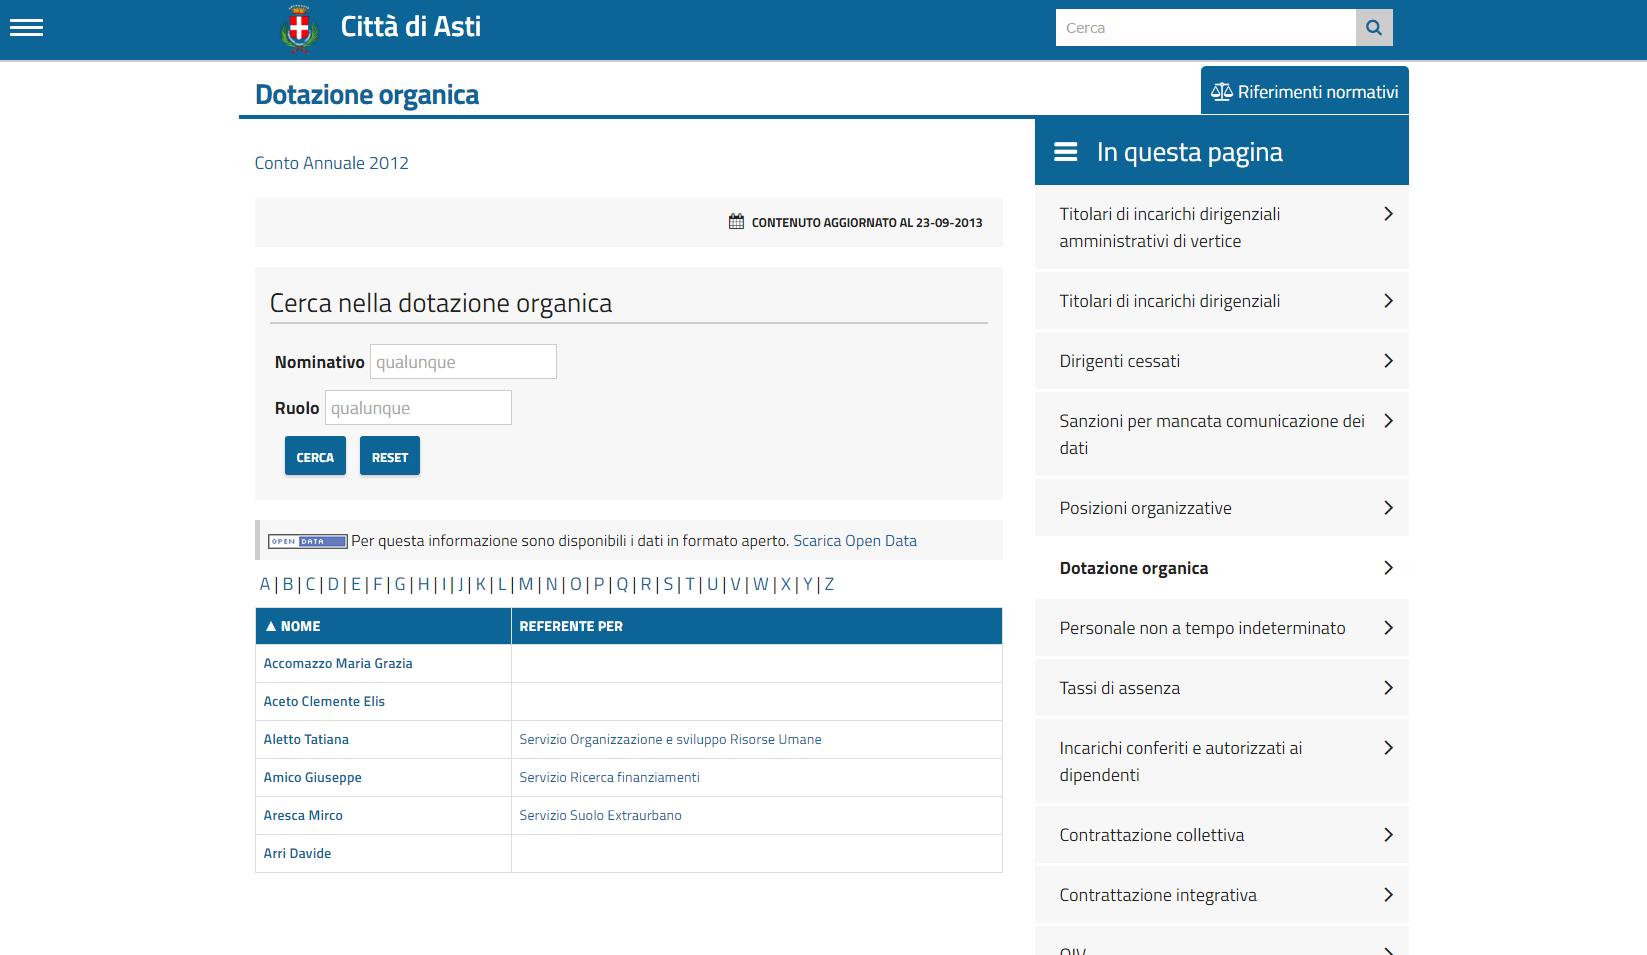 Personale - Dotazione organica con diversi strumenti di ricerca